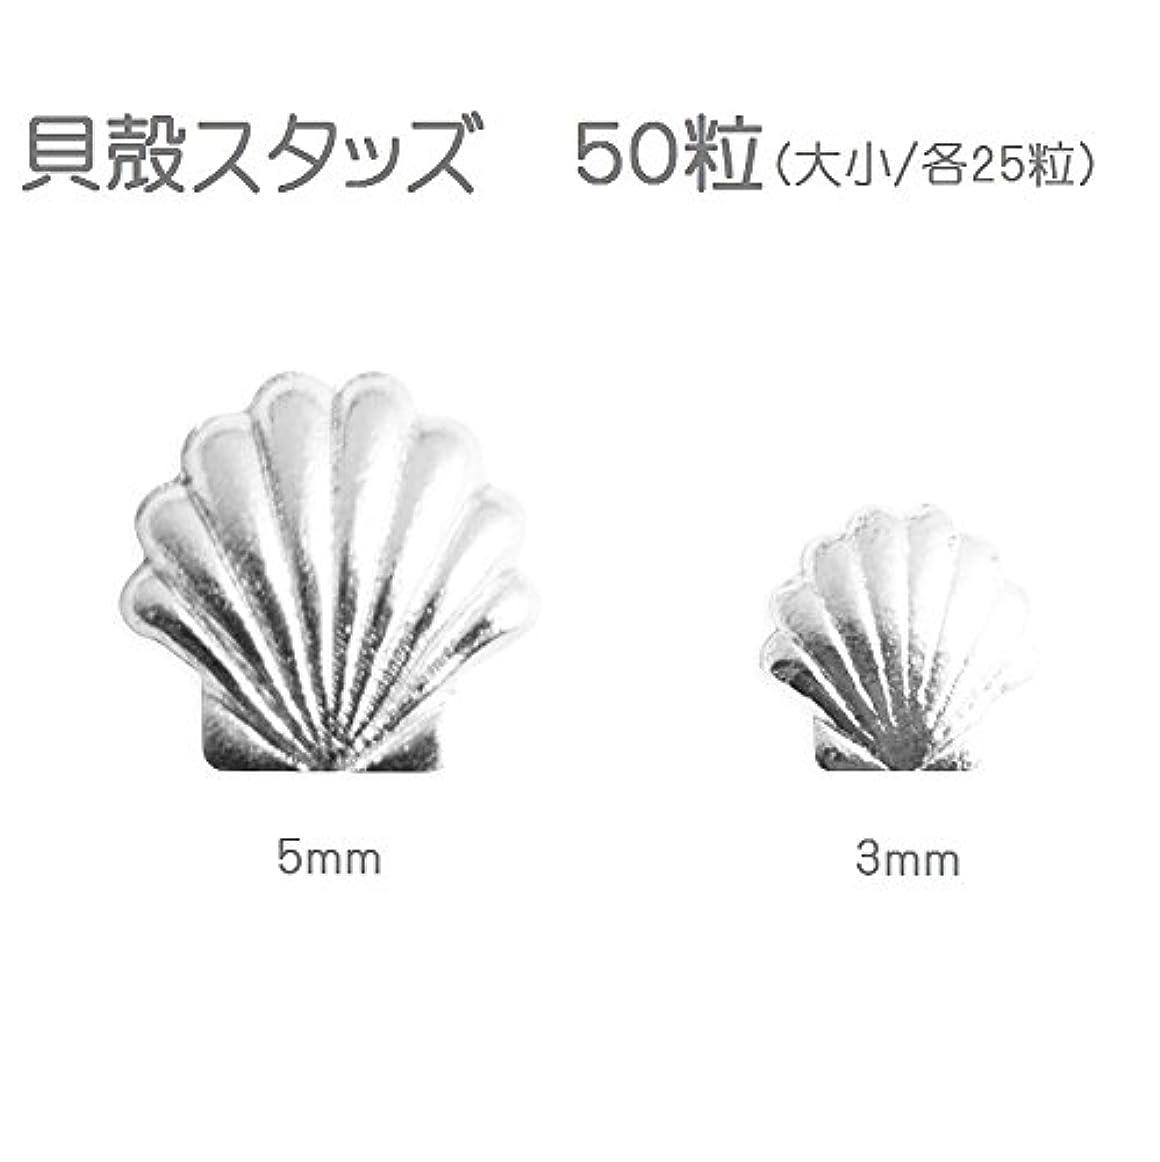 ハンバーガー農業東シェル貝殻スタッズ?シルバー50粒/(大.小/各25粒)5mm.3mm